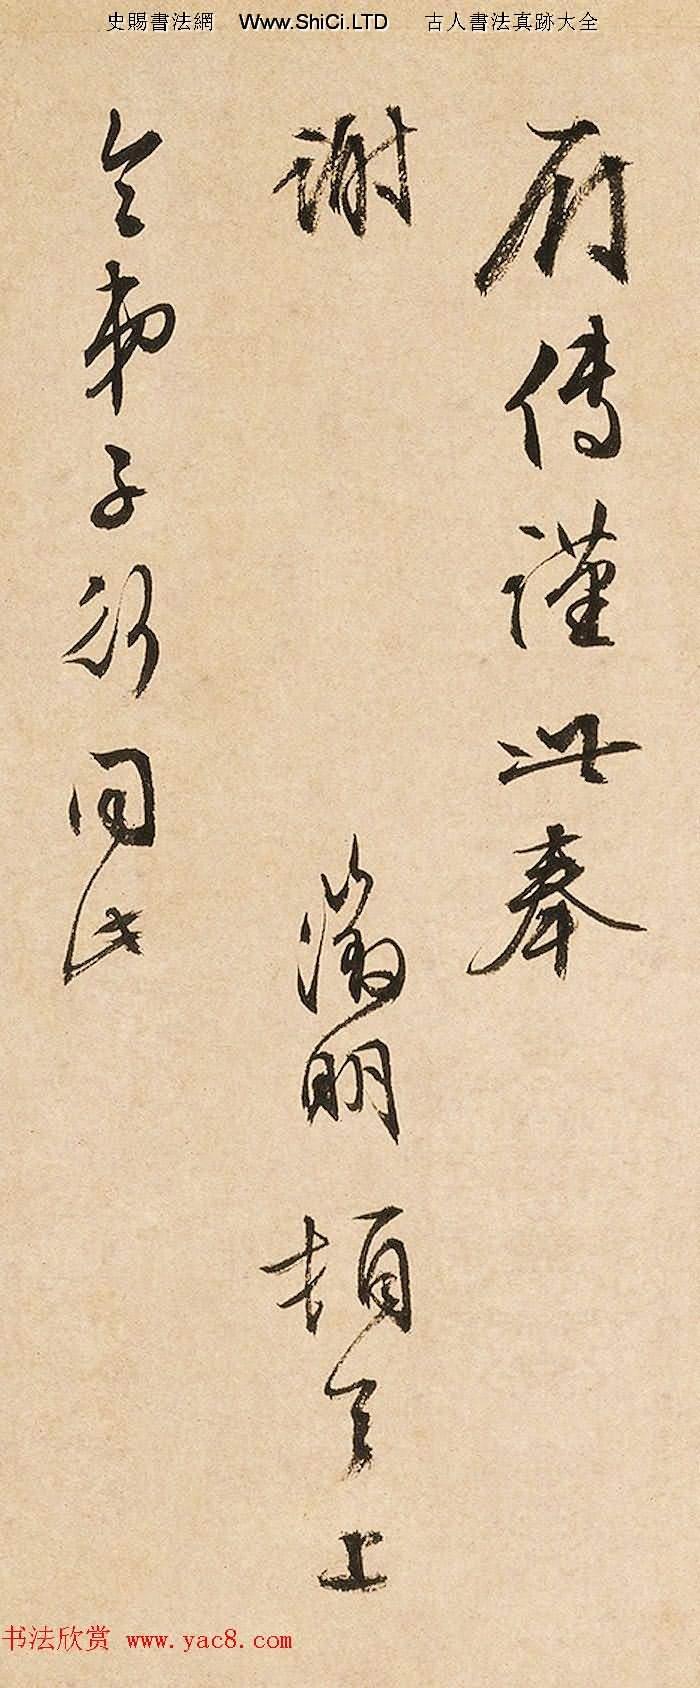 文征明85歲行書《游石湖追和徐天全滿庭芳》